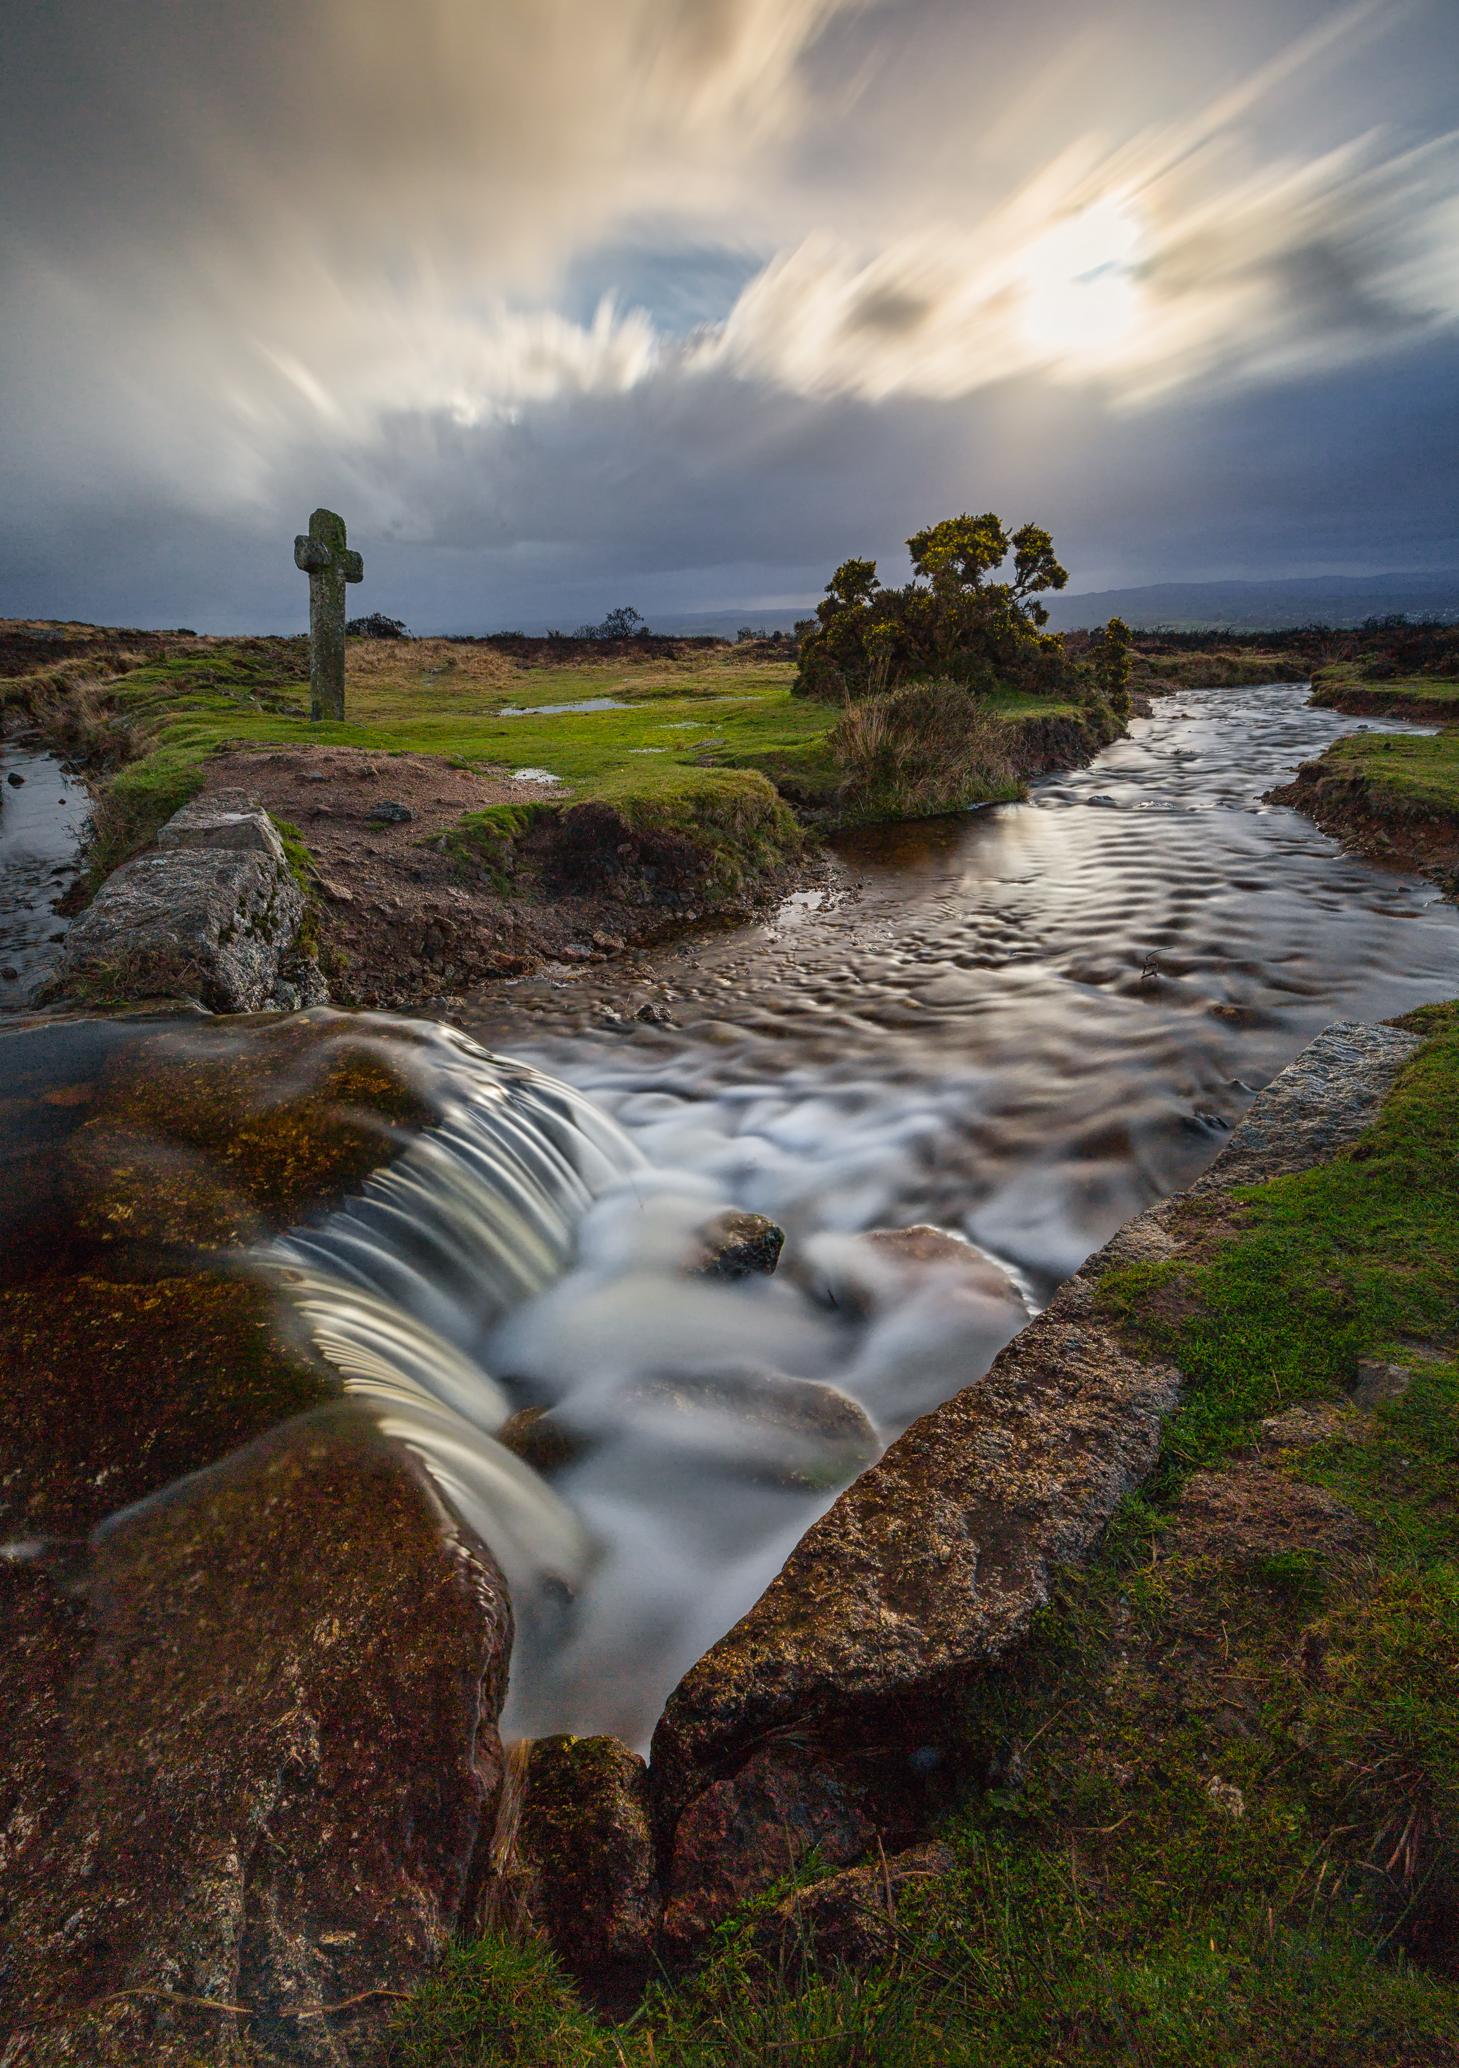 The Windy Cross Post - Dartmoor